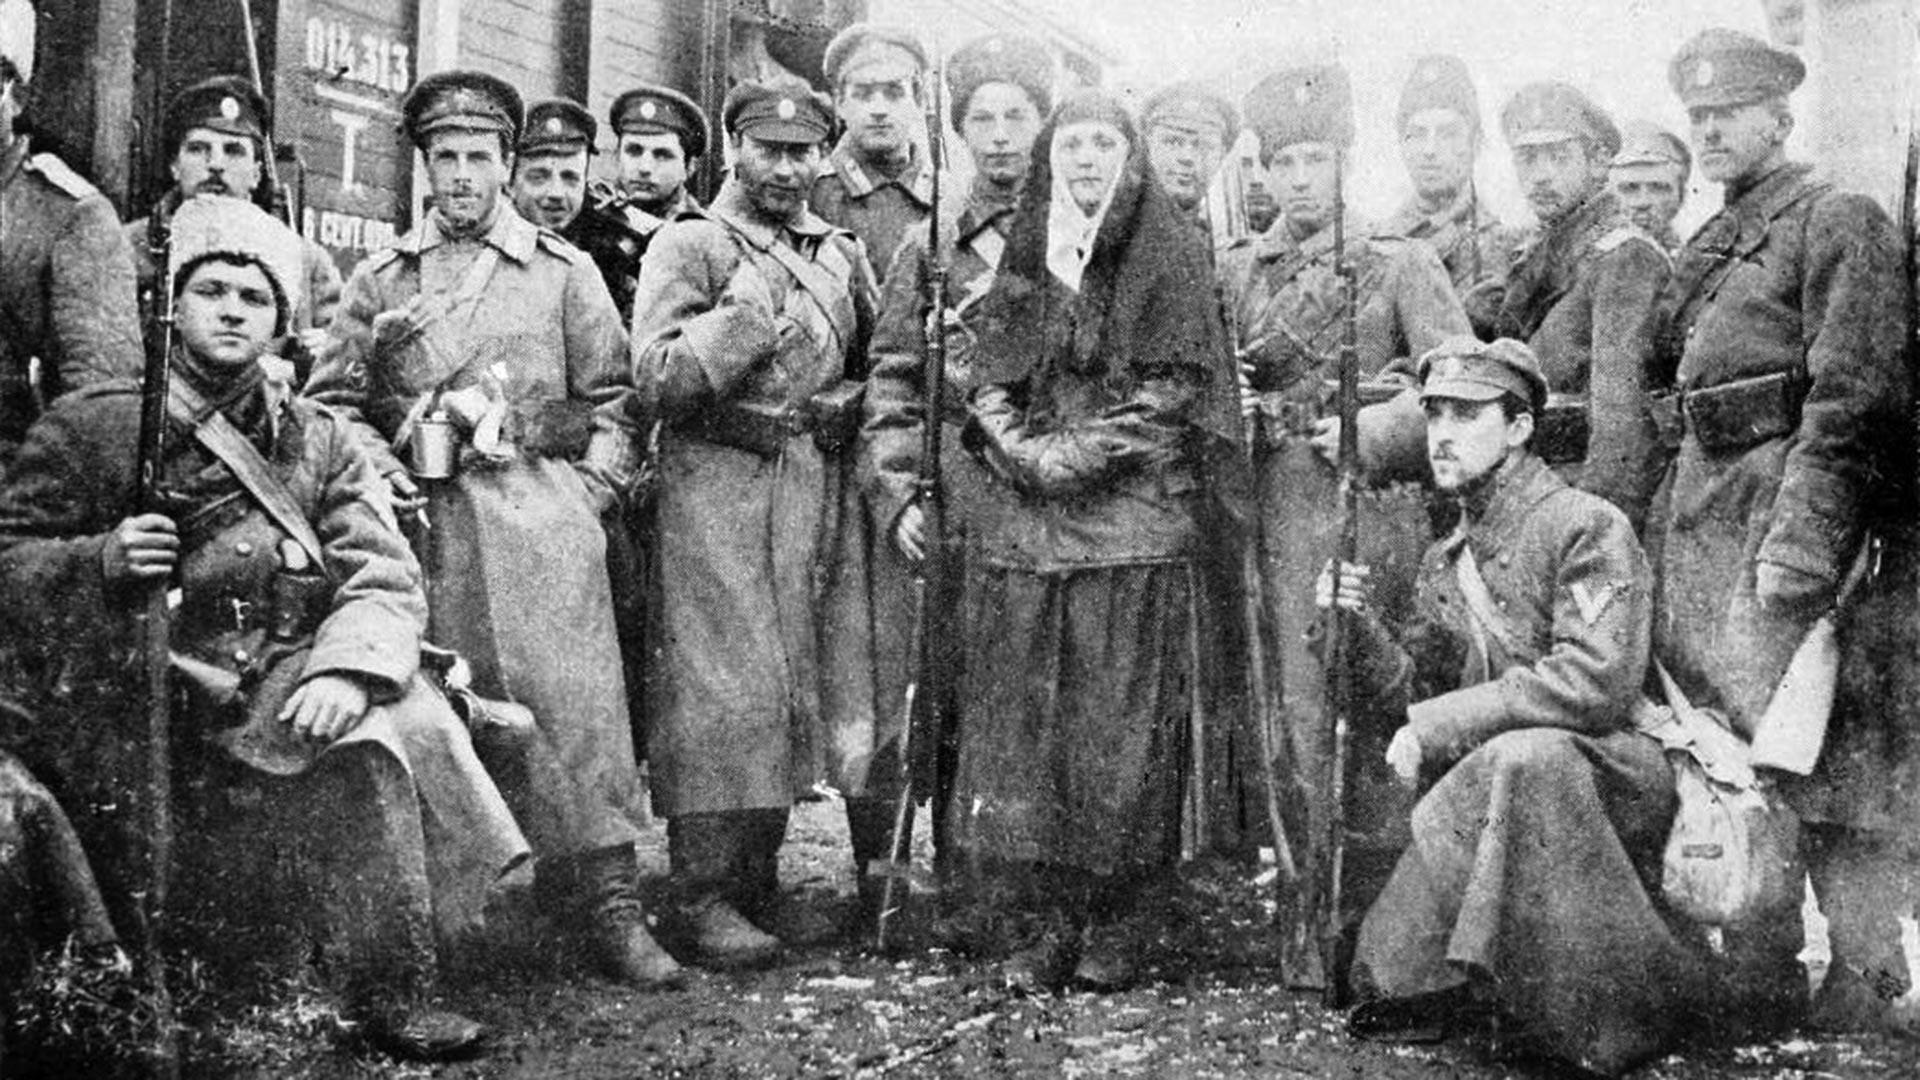 Pehotna četa Prostovoljne armade z gardnimi častniki